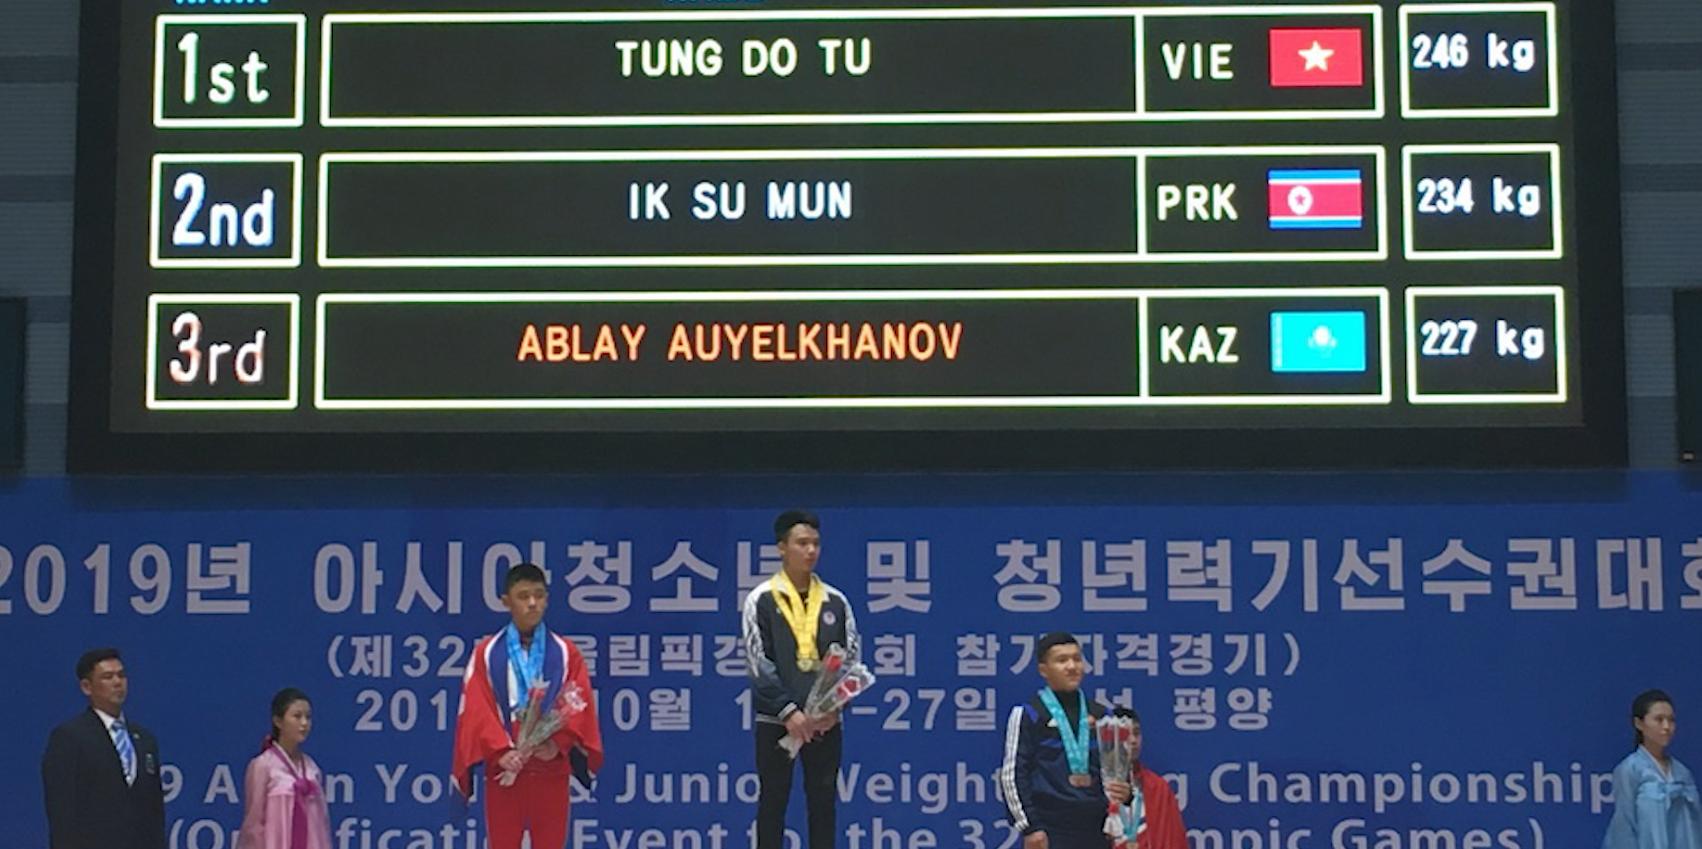 Vận động viên Đỗ Tú Tùng (Bắc Ninh) phá 2 kỷ lục châu Á